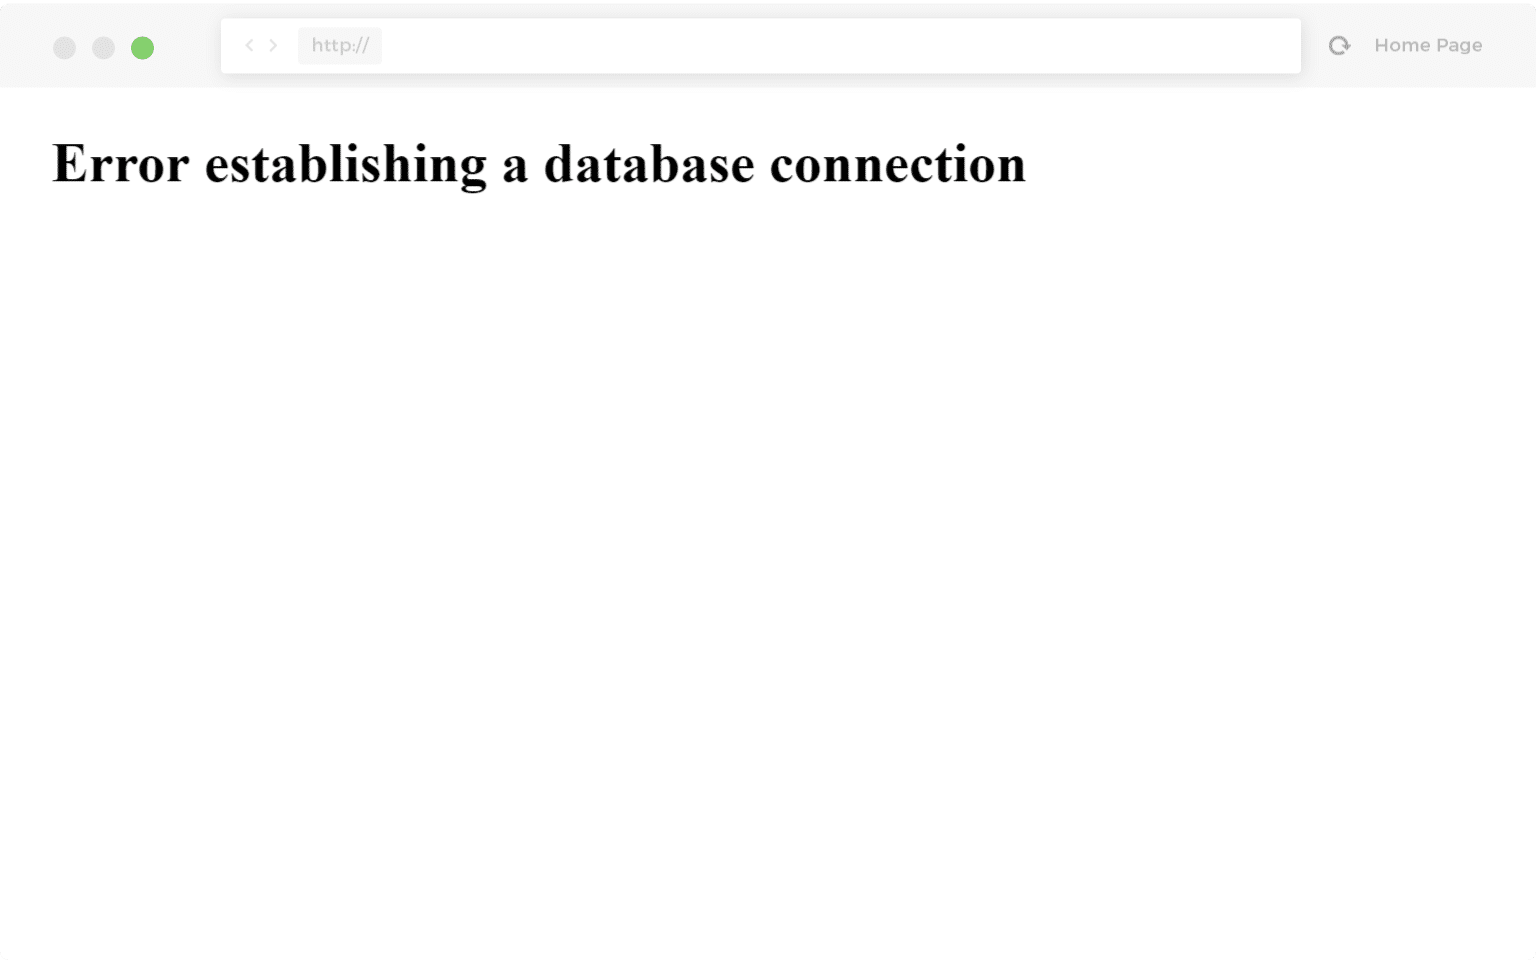 Voorbeeld van een fout bij het maken van een databaseverbinding